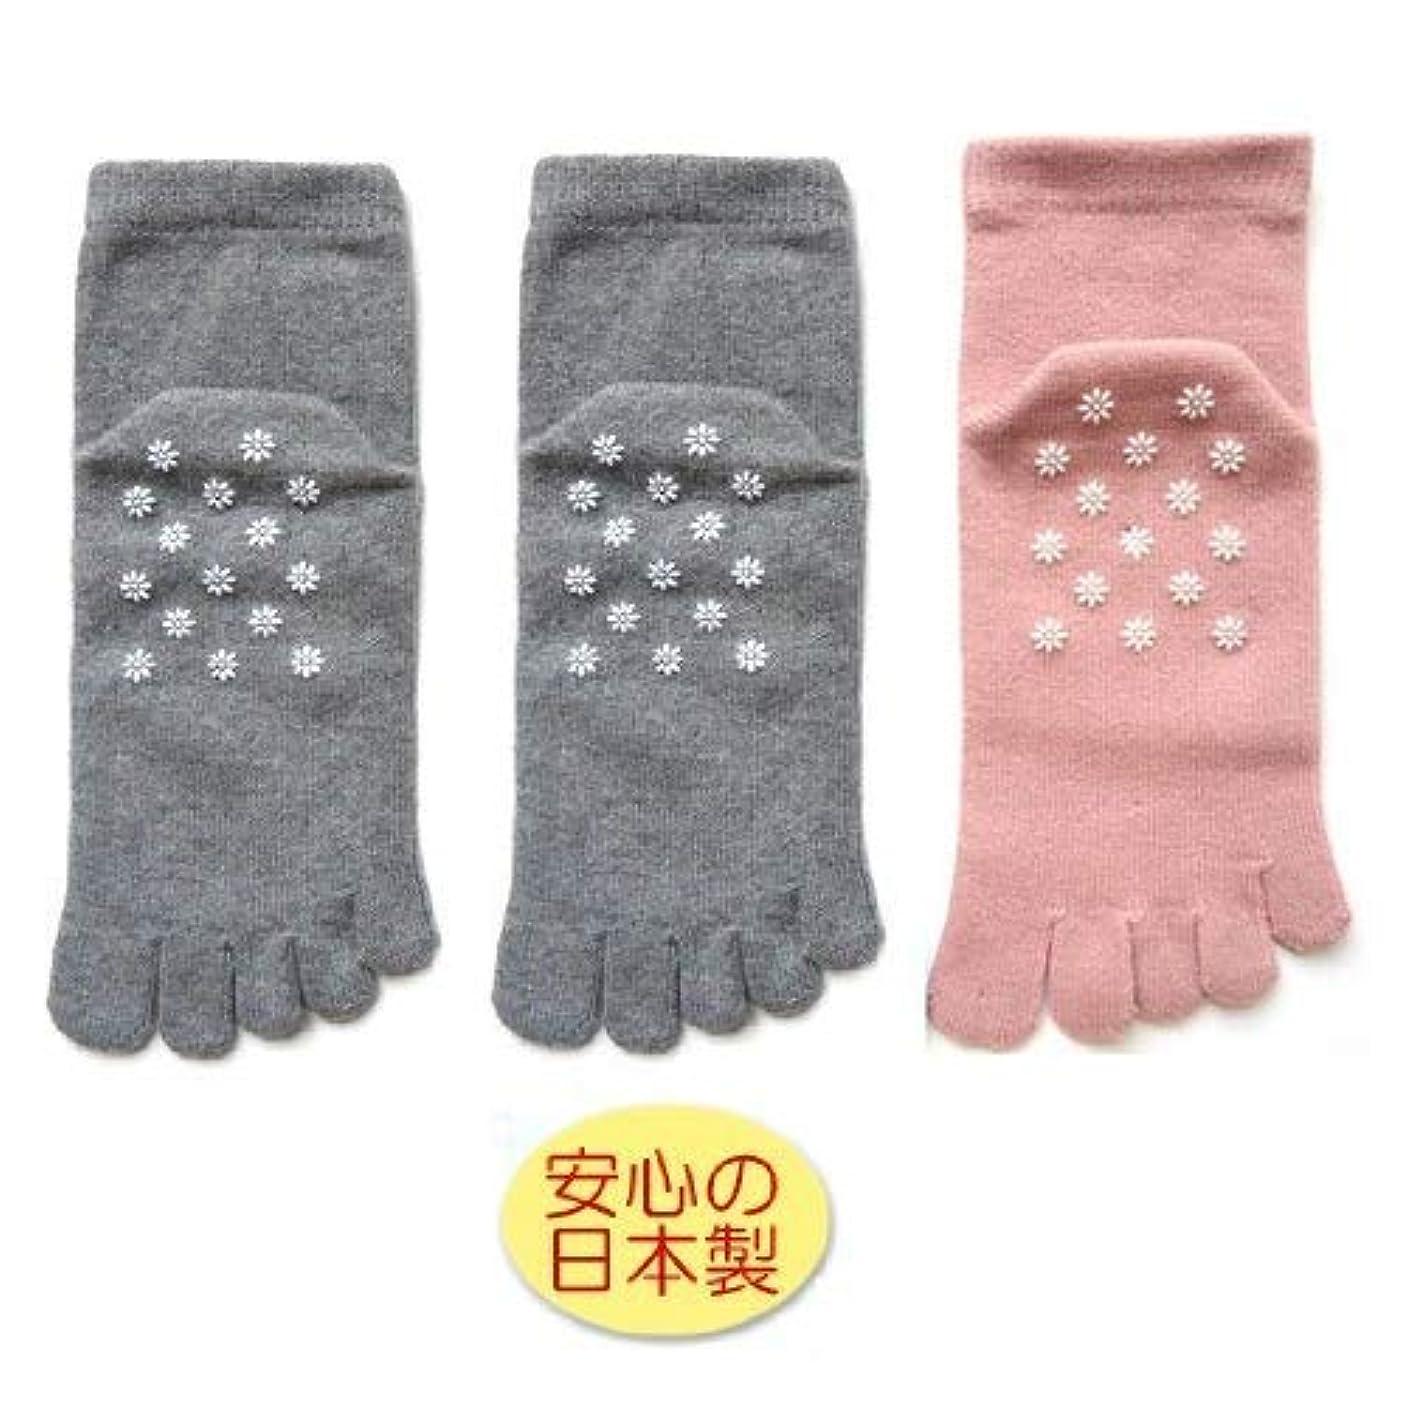 以降深遠直感日本製 5本指ソックス 22~24cm すべり止め付 履き心地いい お買得3足組(色をお任せ)